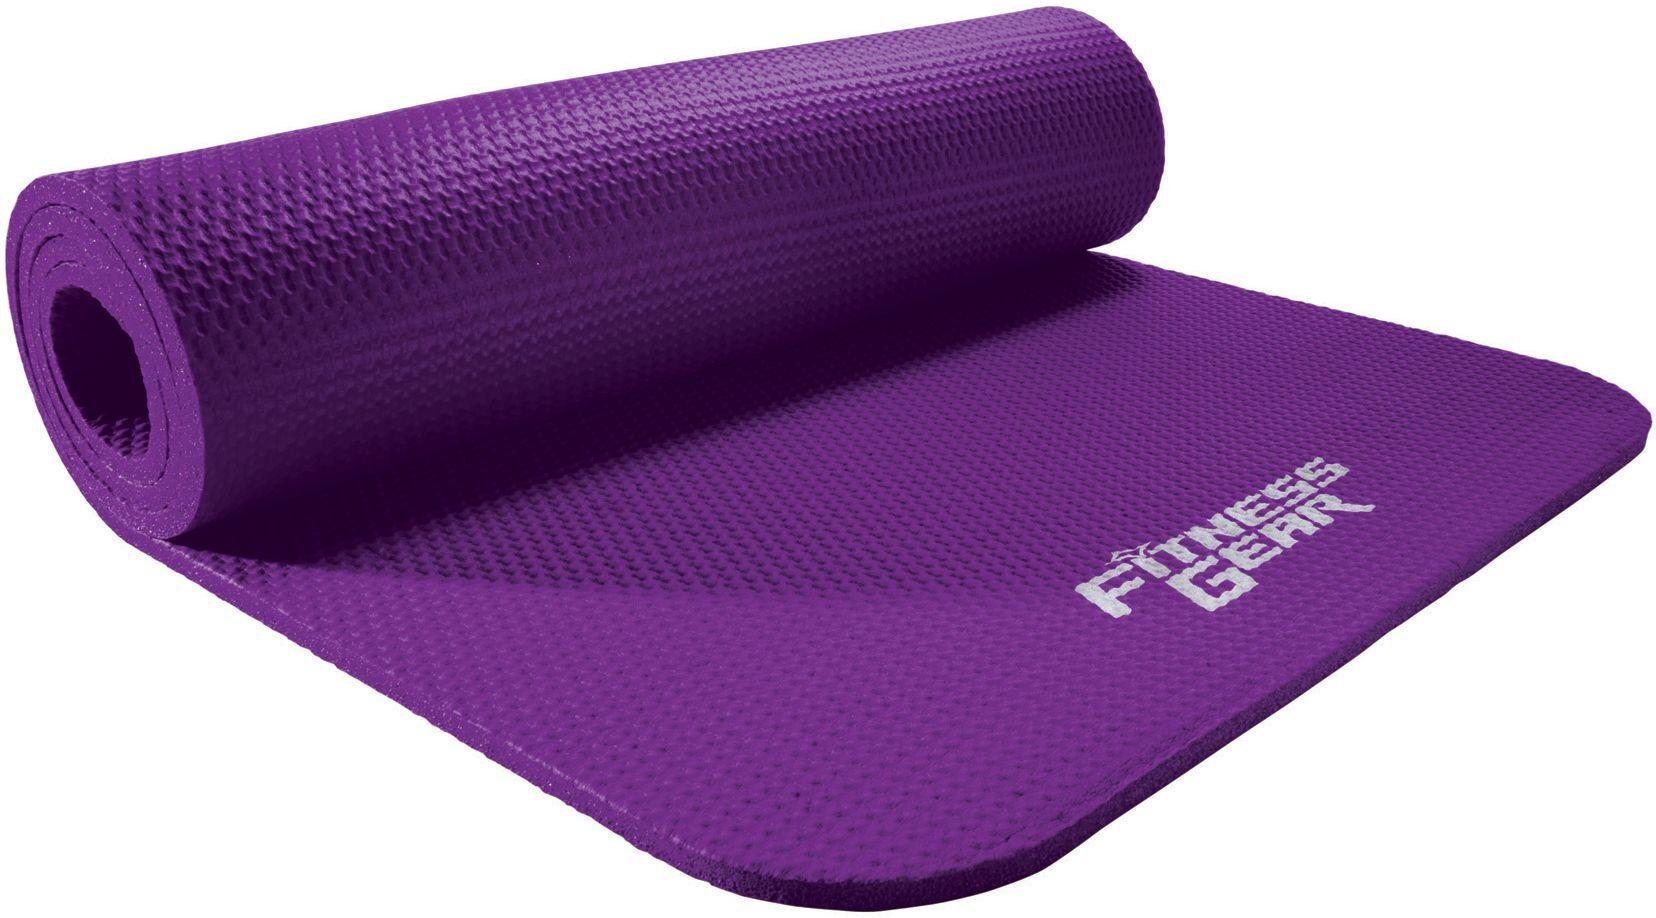 Fitness Gear Fitness Mat, Purple